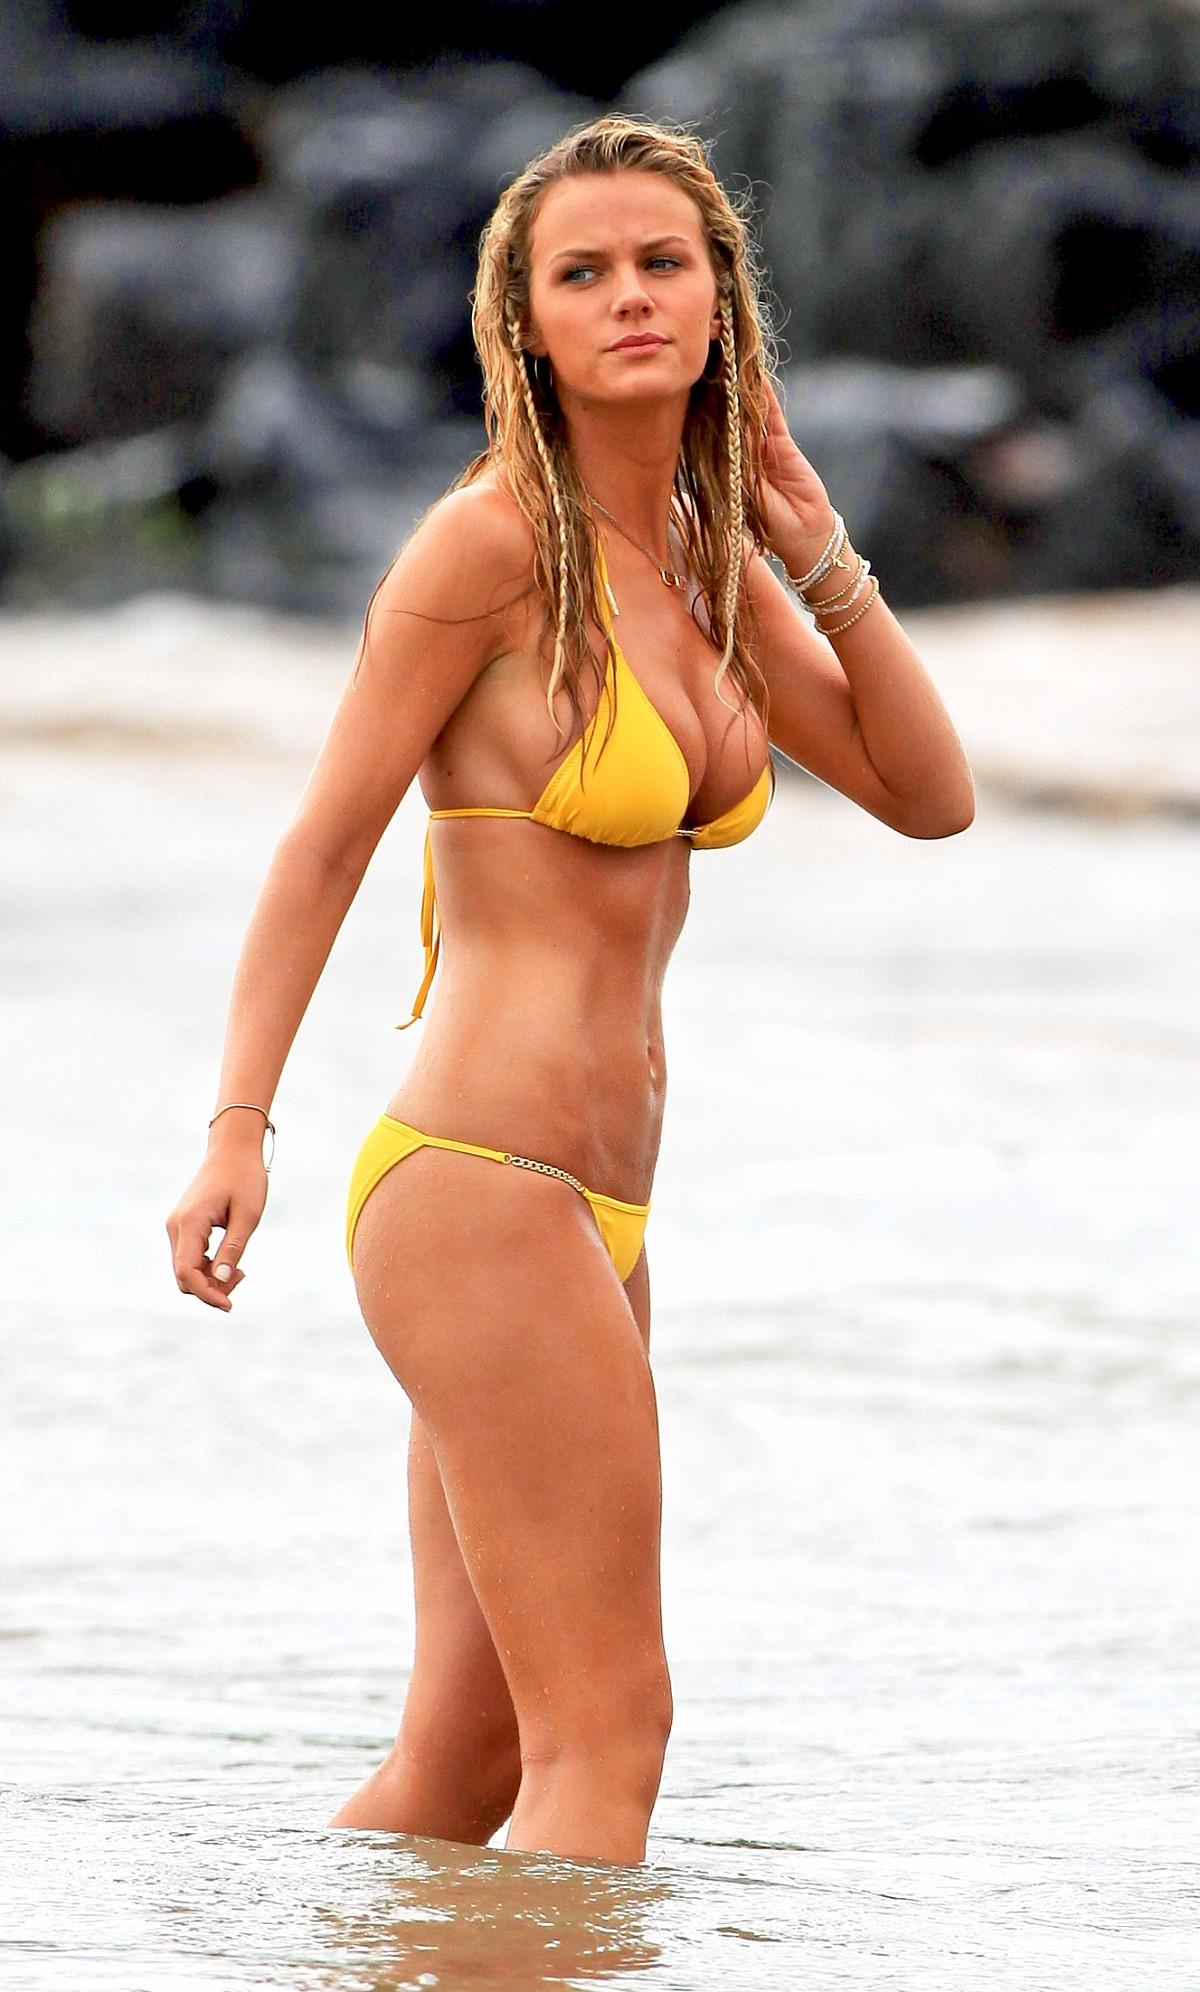 Bikini Hera Hilmar naked (56 foto and video), Pussy, Bikini, Twitter, butt 2020